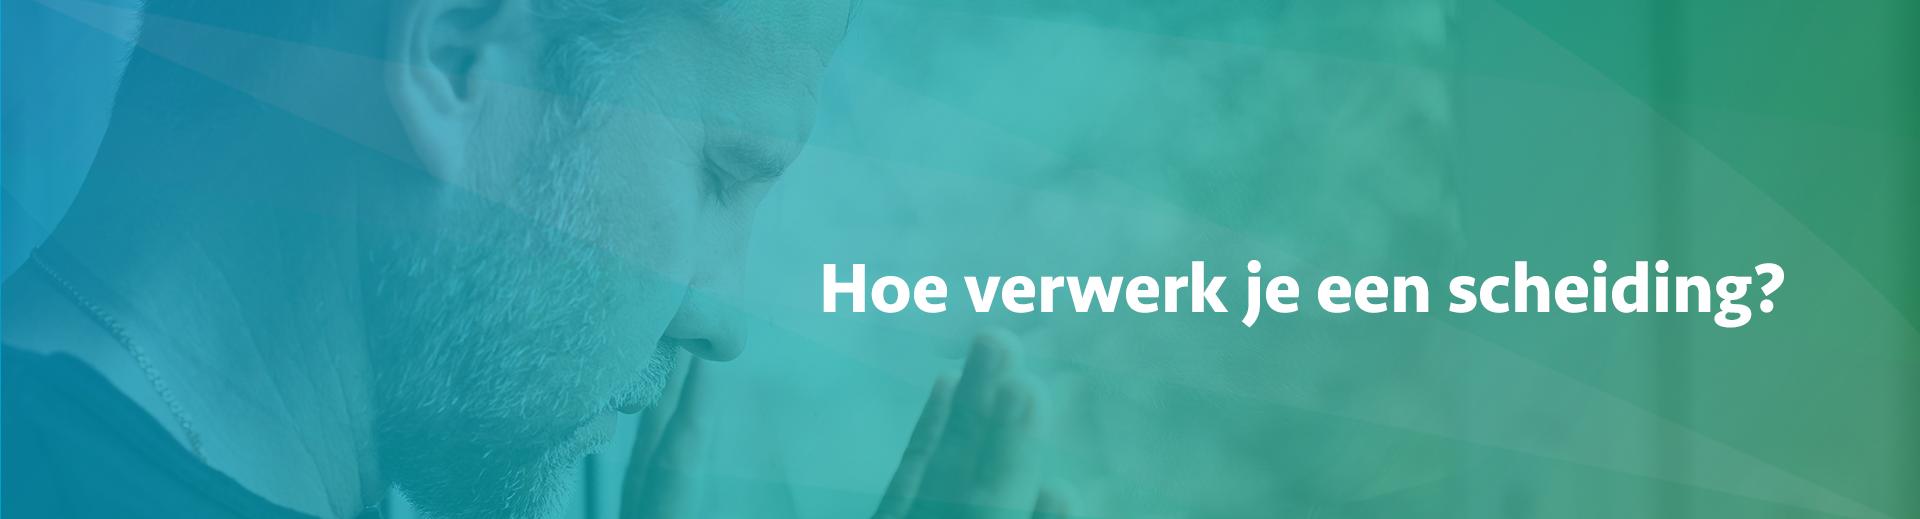 hoe verwerk je een scheiding - Scheidingsplanner Midden-Nederland